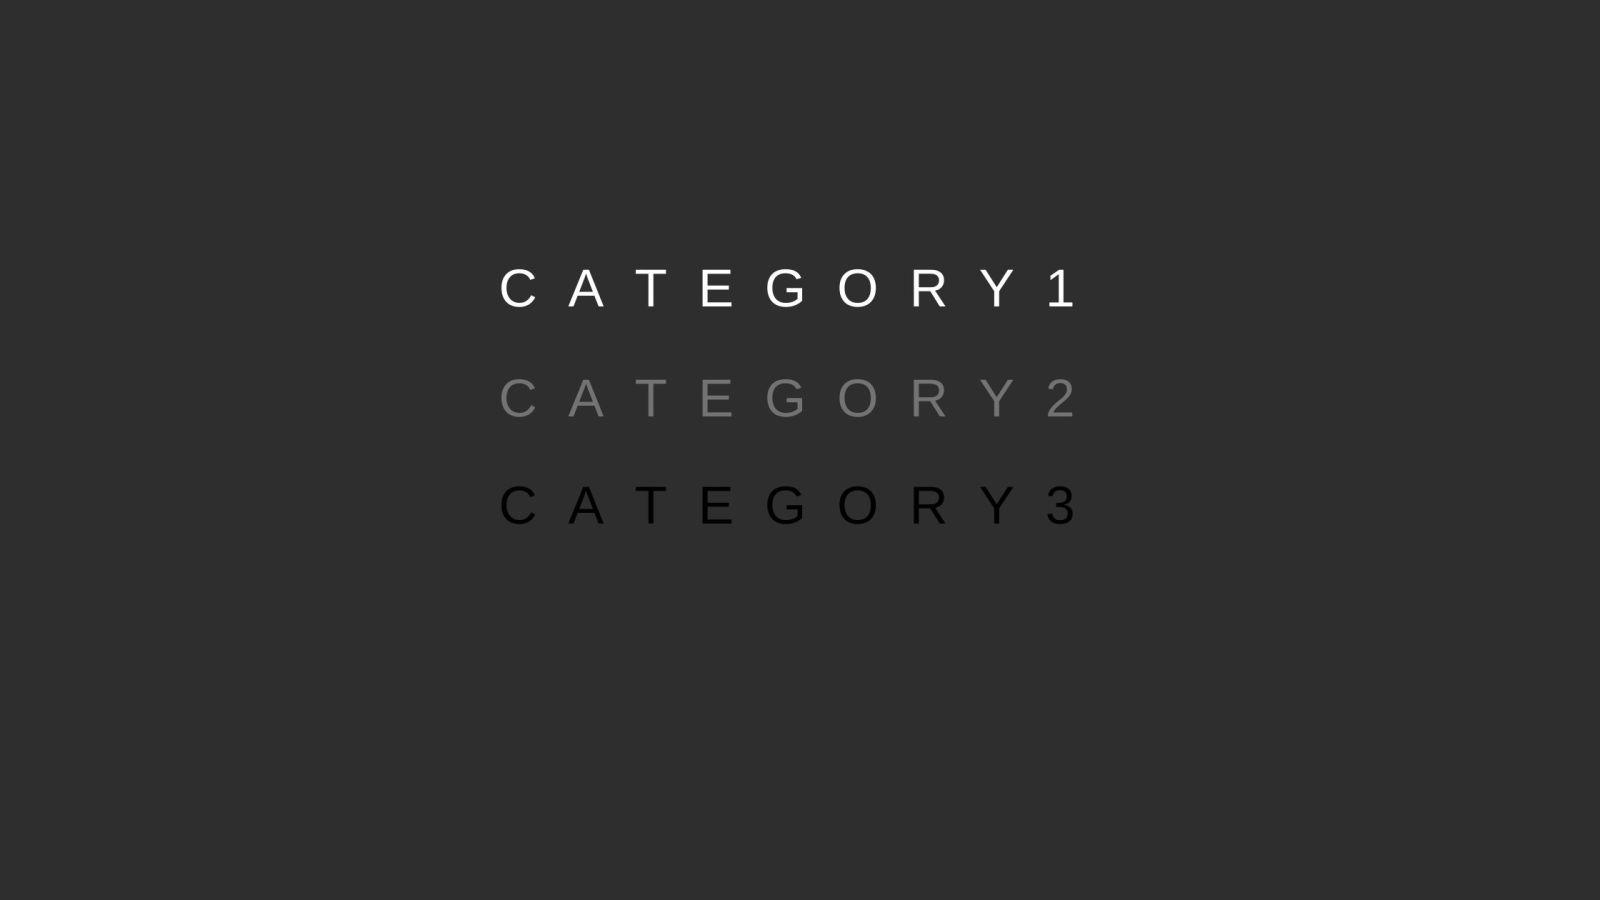 Как исключить некоторые категории с главной страницы WordPress